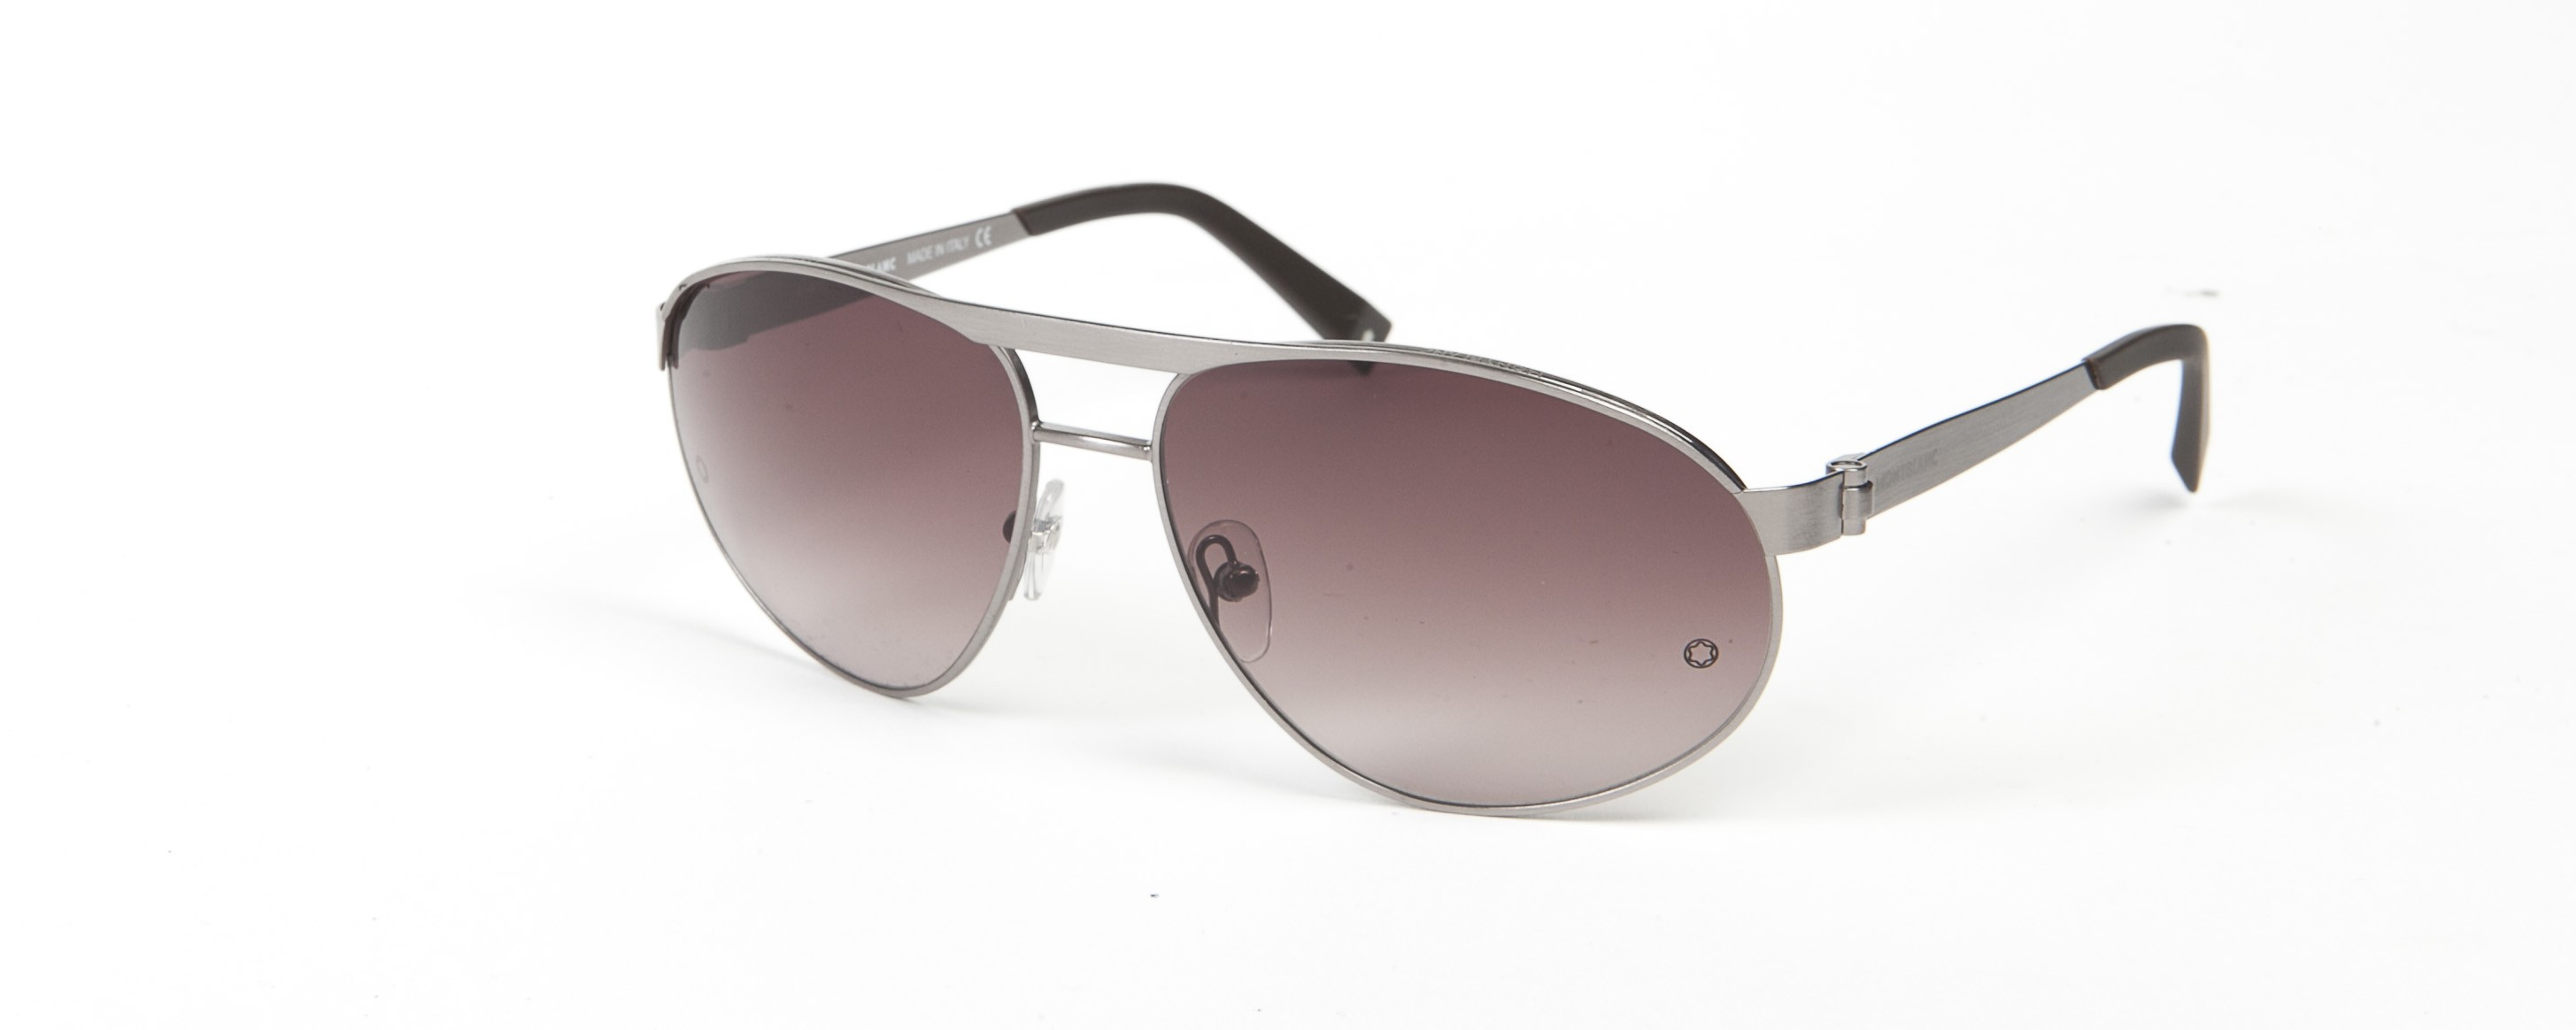 0856df7b43b (c) 2019 Hilton Eyewear Ltd